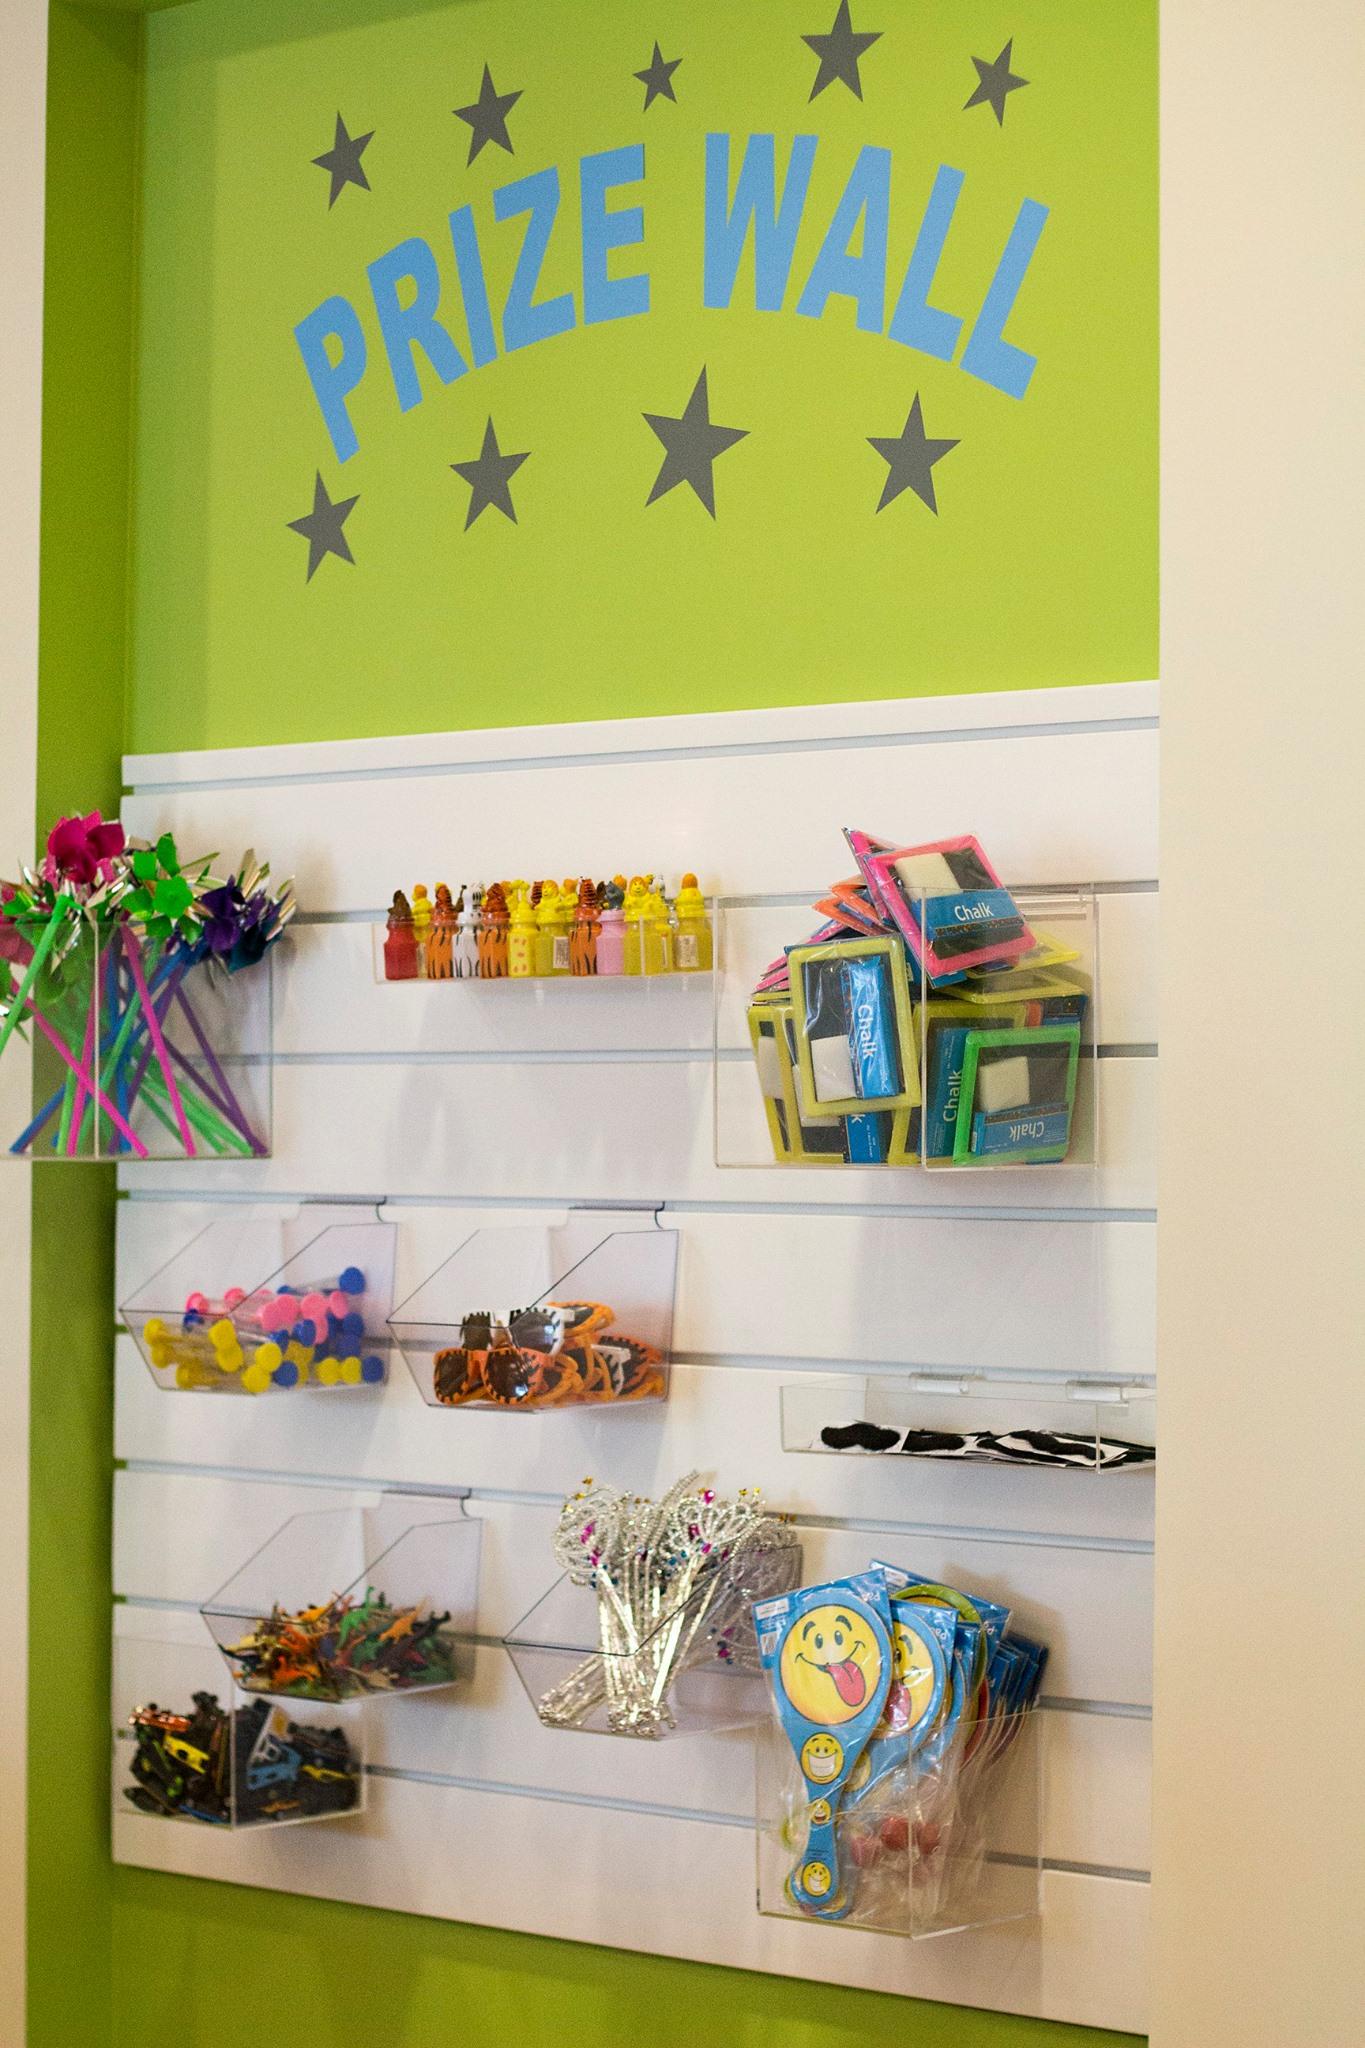 Prize Wall VIlla Rica Pediatric Dentist